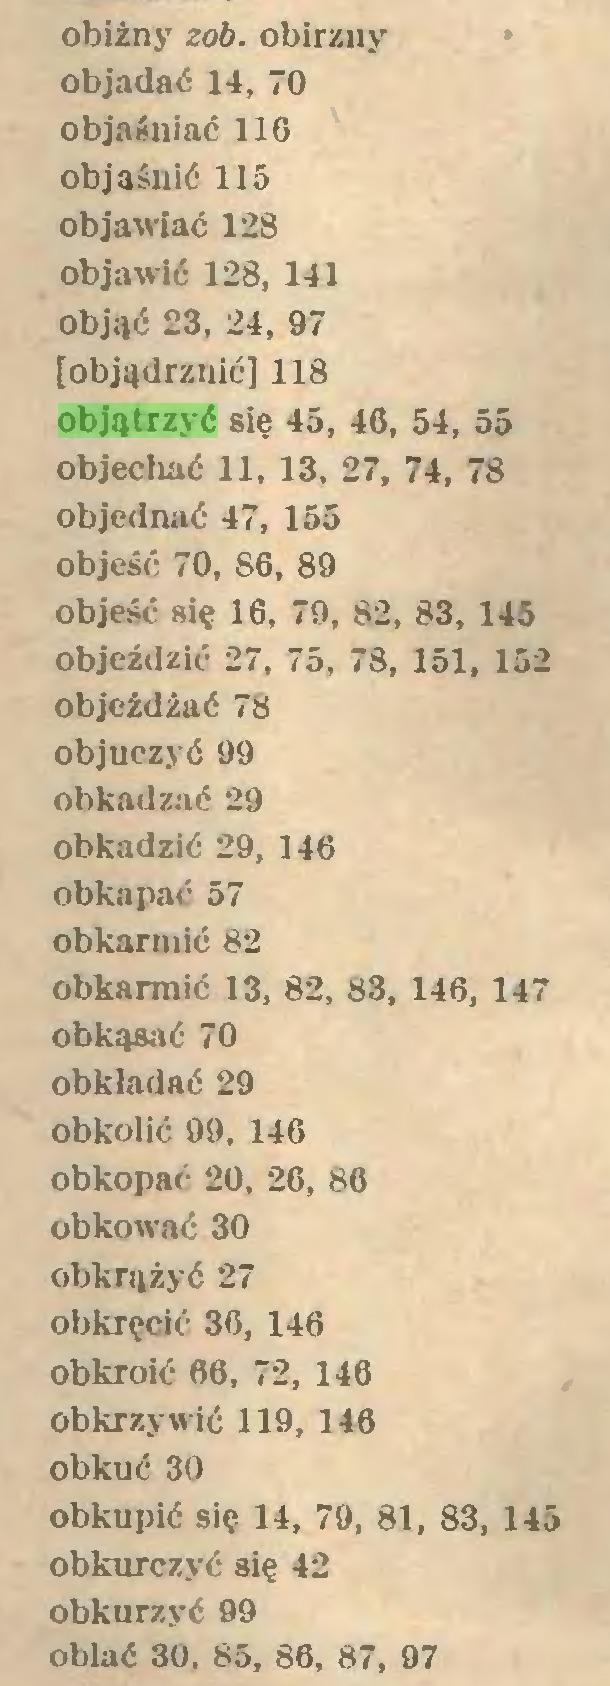 (...) obiżny zob. obirzny objadać 14, 70 objaśniać 116 objaśnić 115 objawiać 128 objawić 128, 141 objąć 23, 24, 97 [objądrznić] 118 objątrzyć się 45, 46, 54, 55 objechać 11, 13, 27, 74, 78 objednać 47, 155 objeść 70, 86, 89 objeść się 16, 79, 82, 83, 145 objeździć 27, 75, 78, 151, 152 objeżdżać 78 objuczyć 99 obkadzać 29 obkadzić 29, 146 obkapać 57 obkarmić 82 obkamiić 13, 82, 83, 146, 147 obkąsać 70 obkładać 29 obkolić 99, 146 obkopać 20, 26, 86 obkować 30 obkrążyć 27 obkręcić 36, 146 obkroić 66, 72, 146 obkrzywić 119, 146 obkuć 30 Obkupić się 14, 79, 81, 83, 145 obkurczyć się 42 obkurzyć 99 oblać 30. 85, 86, 87, 97...